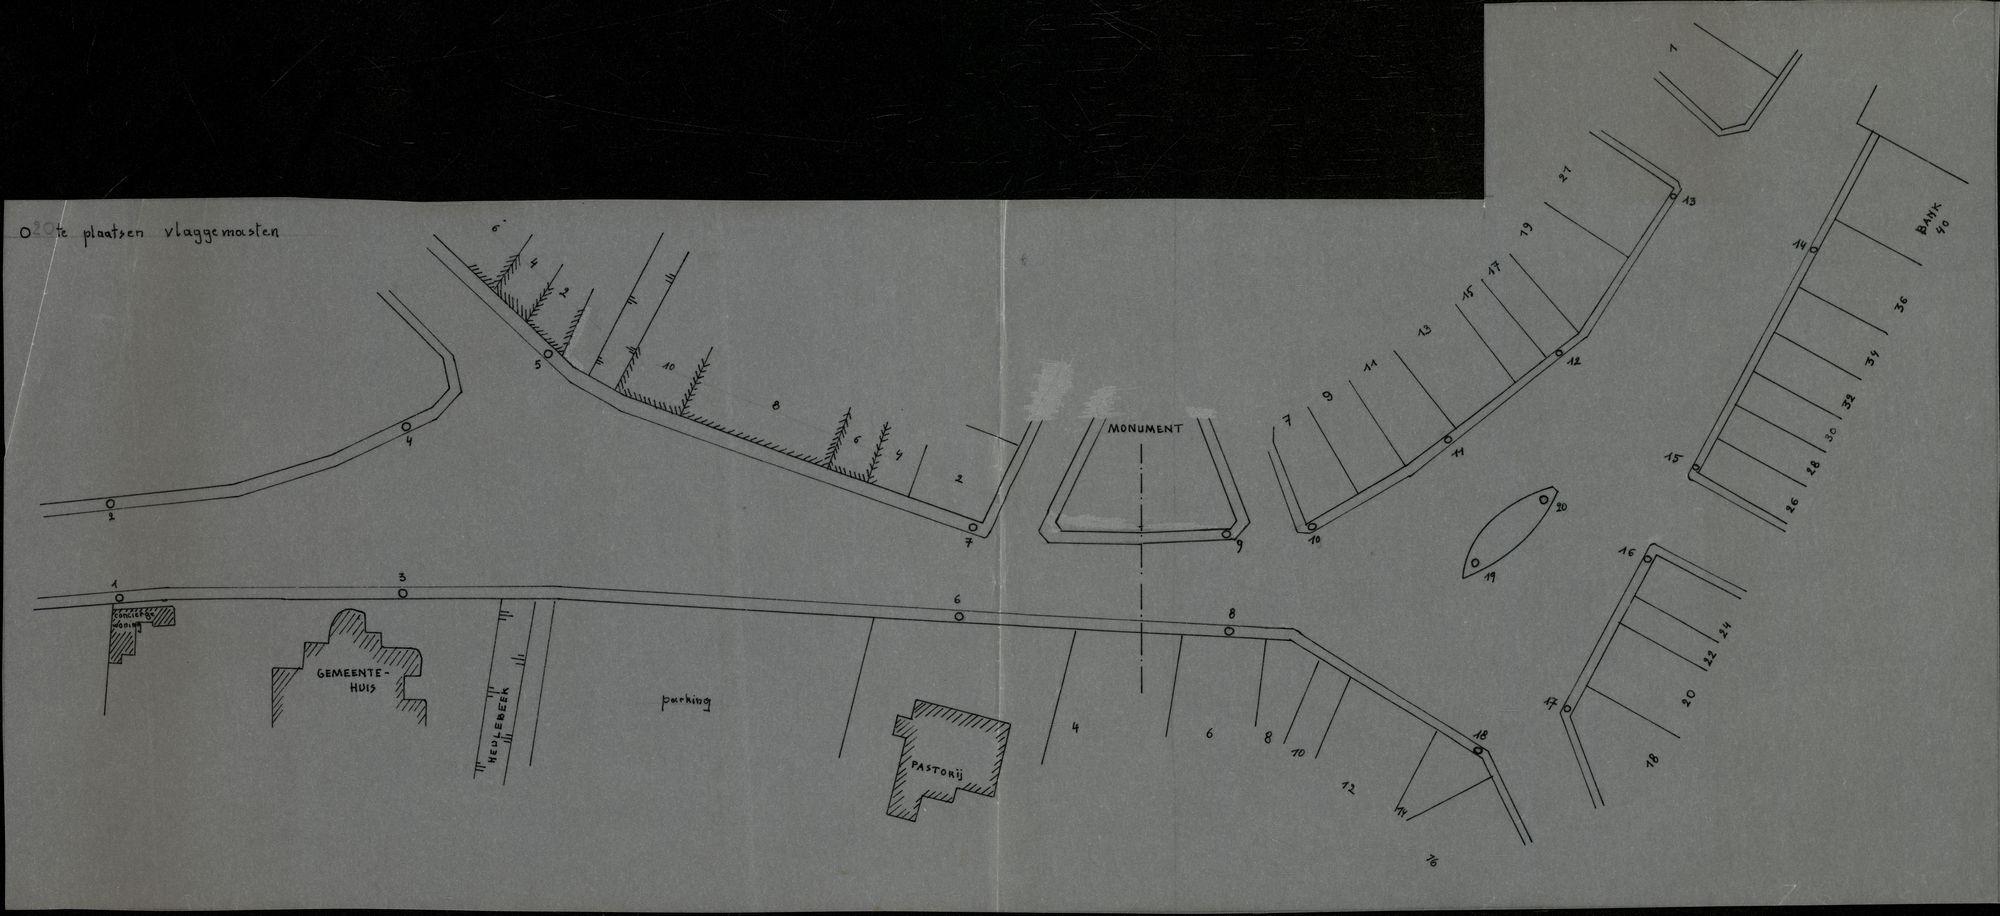 Plan van te plaatsen vlaggemasten in het centrum te Heule, 2de helft 20ste eeuw